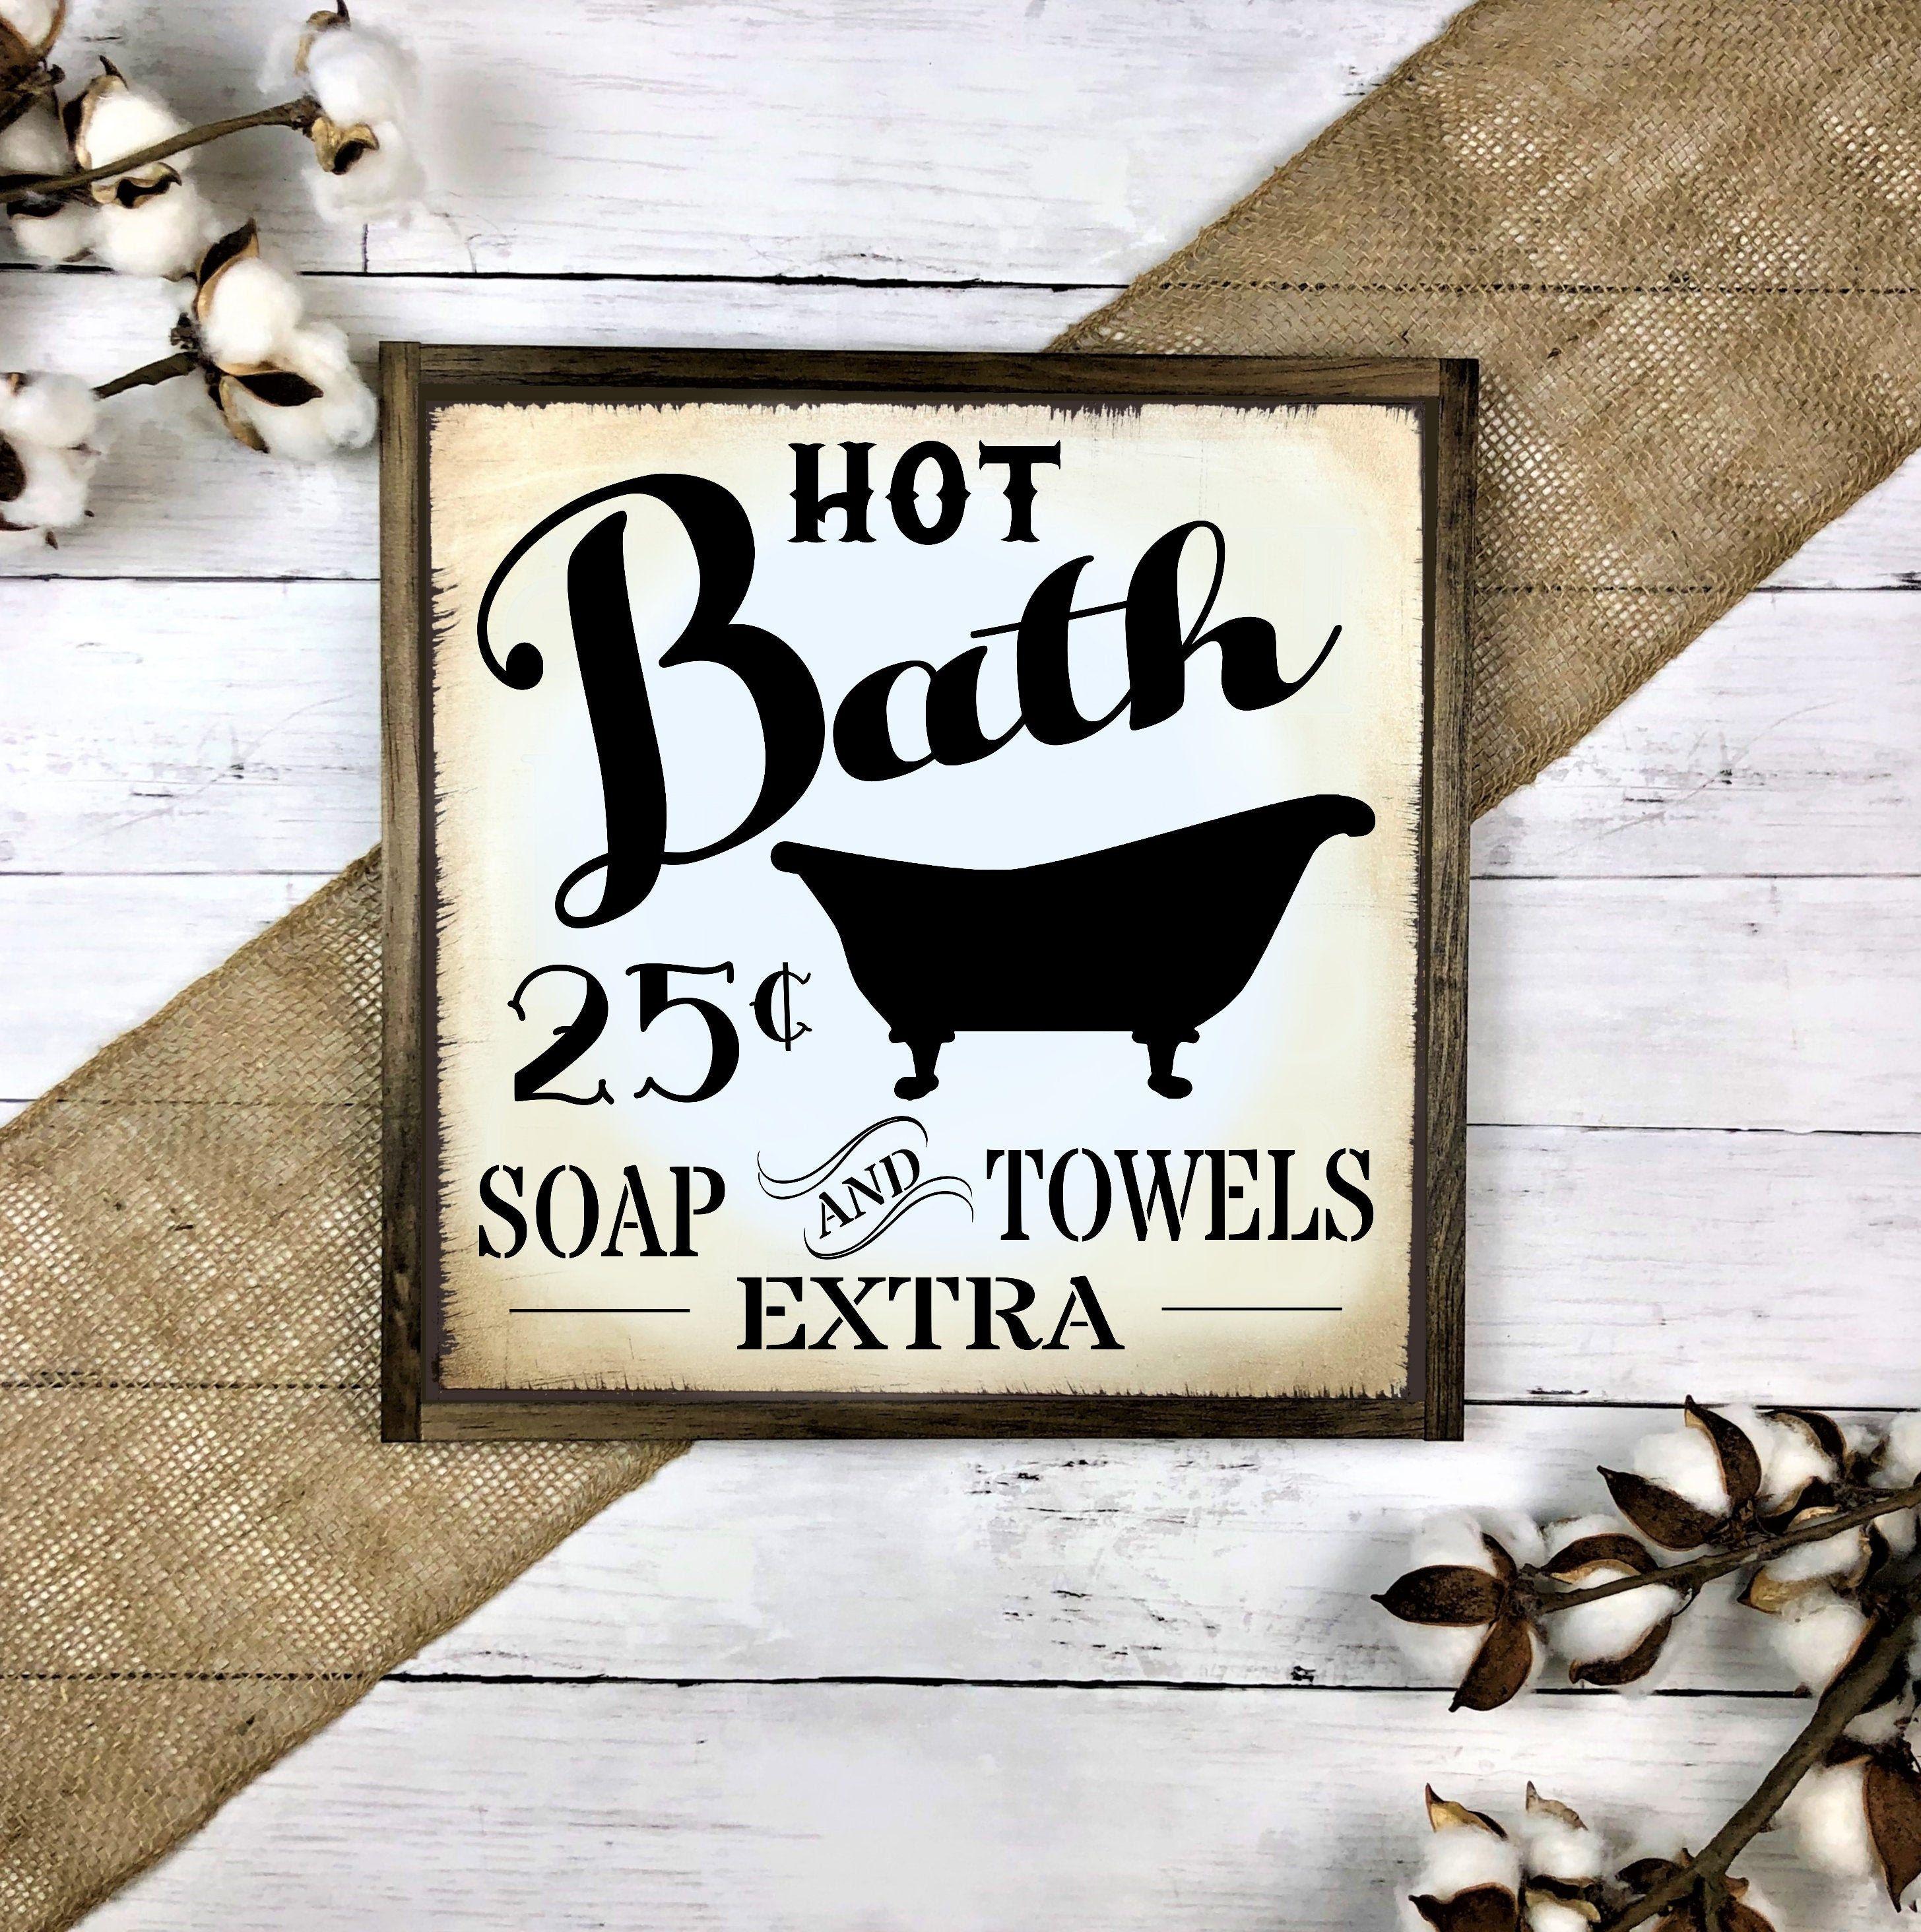 Bathroom Signs Vintage Bathroom Signs Bathroom Wall Decor Etsy Vintage Bathroom Bathroom Signs Bathroom Wall Decor